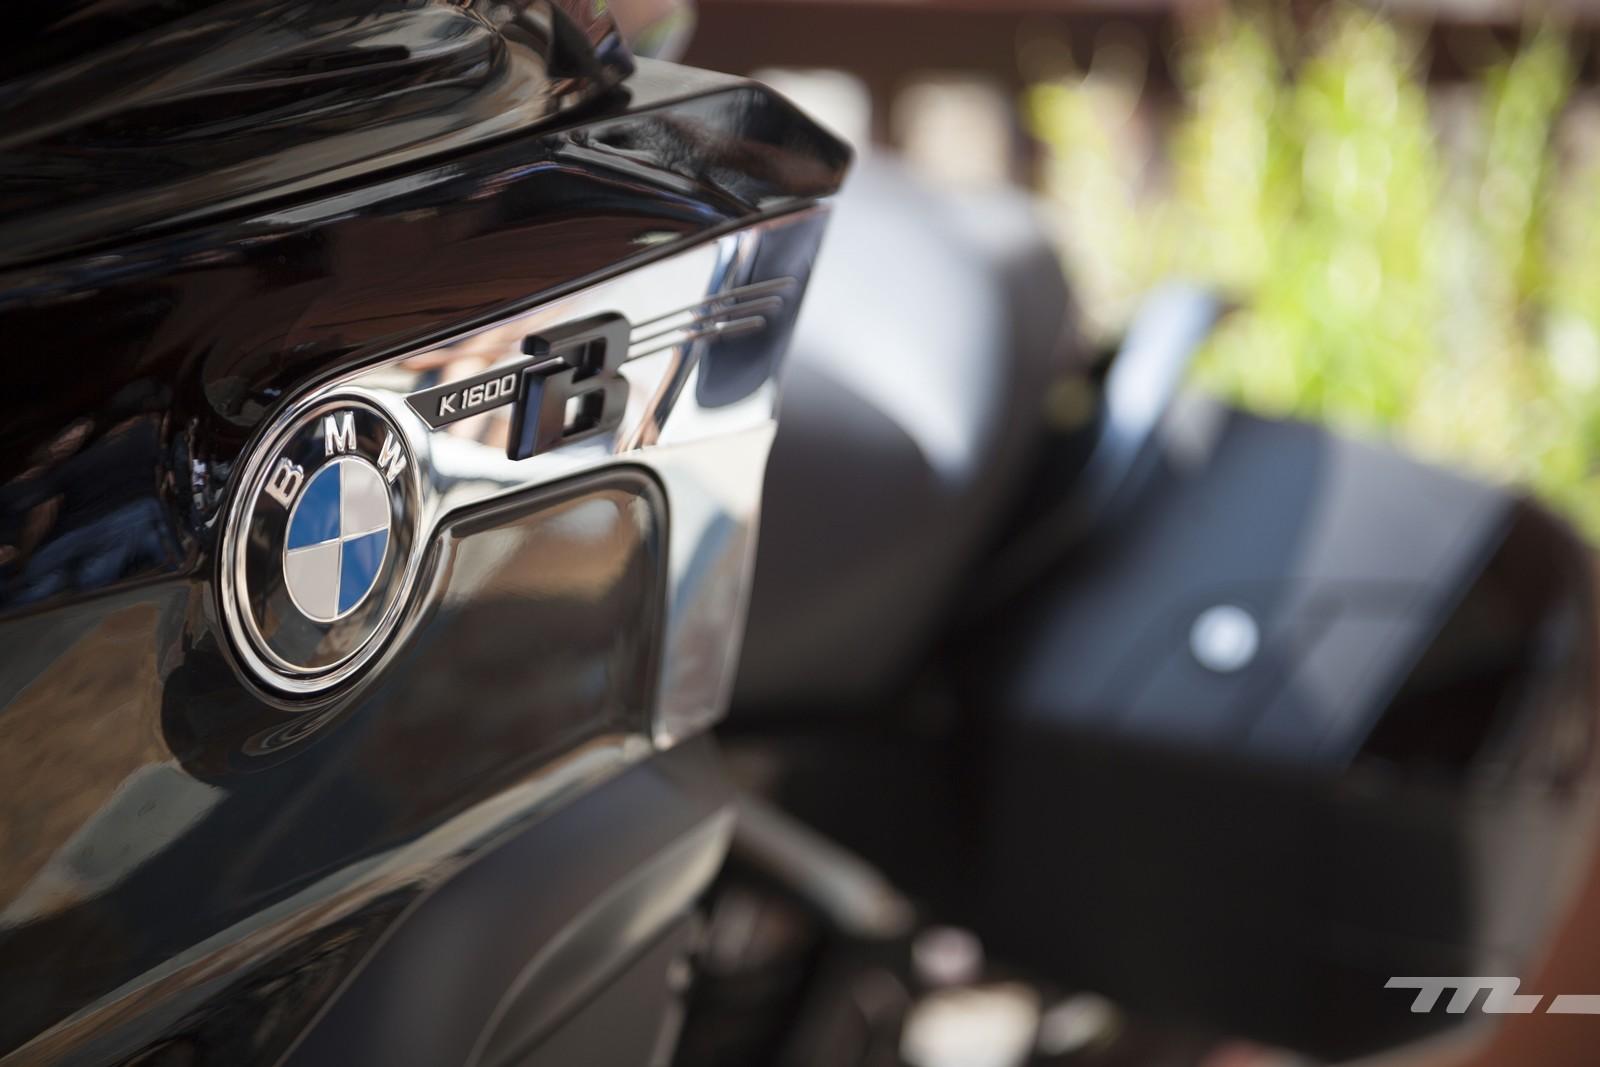 BMW K 1600 B 2018